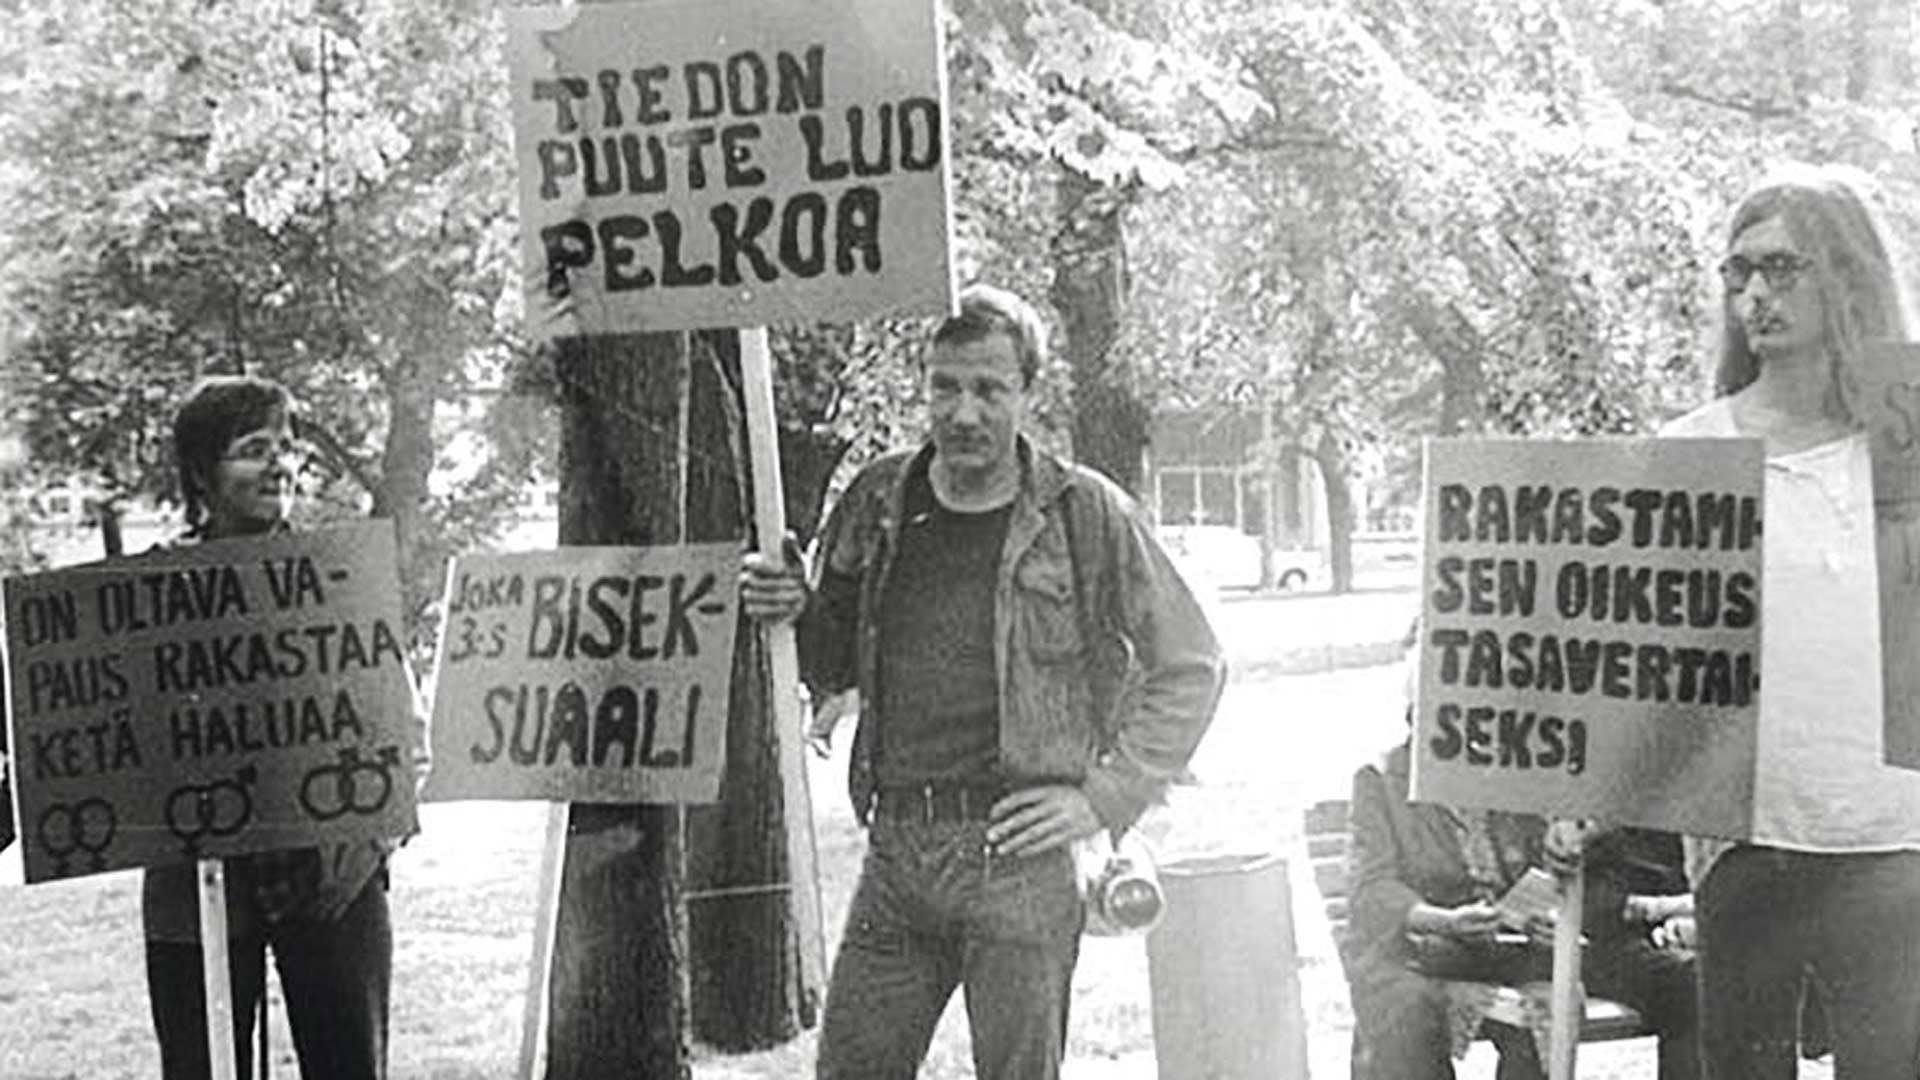 Heinäkuussa 1974 Veli (kuvassa keskellä) osallistui Setan järjestämään Suomen ensimmäiseen homojen mielenosoitukseen. Siinä puolustettiin helsinkiläisen Vanhankirkon seurakunnan nuorisotyöntekijää Seppo Kivistöä, joka uhattiin irtisanoa tehtävästään suuntautumisensa vuoksi.